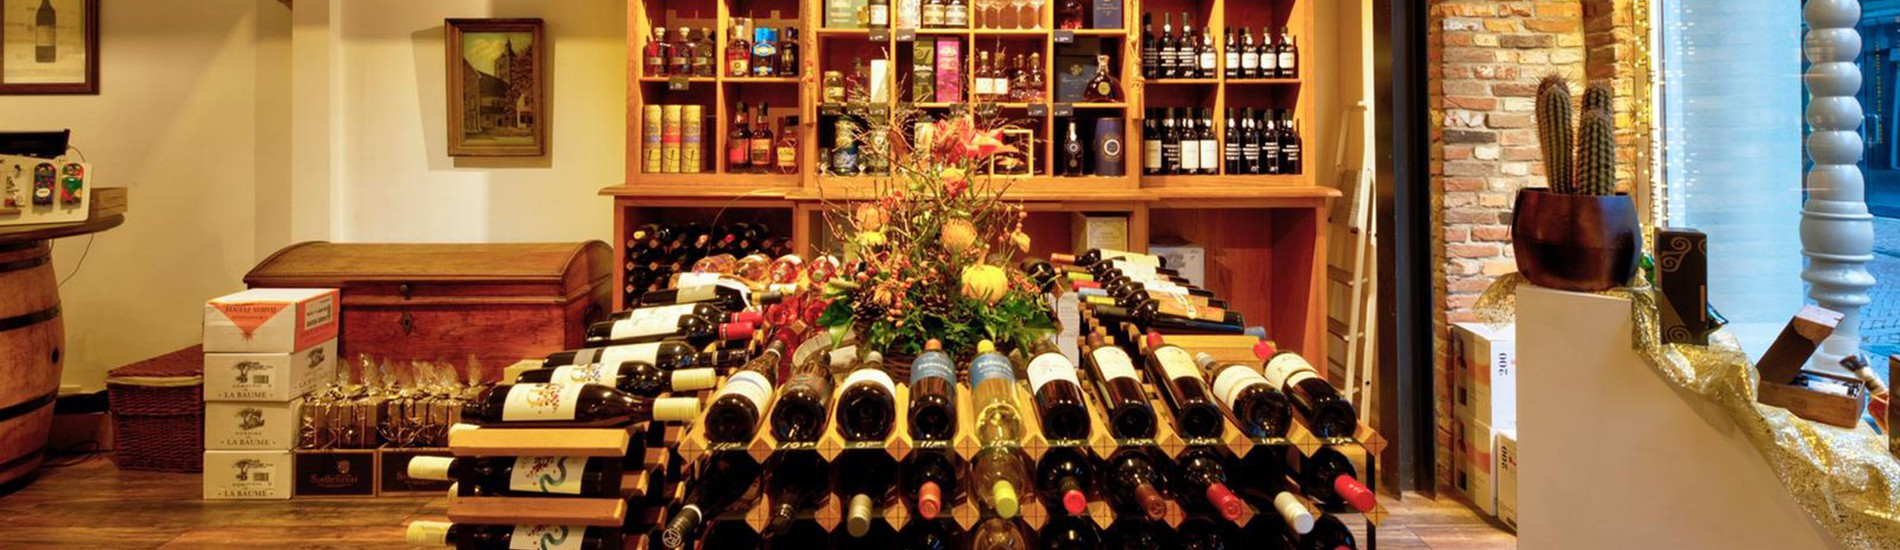 Meer dan 300 wijnen  uit voorraad leverbaar